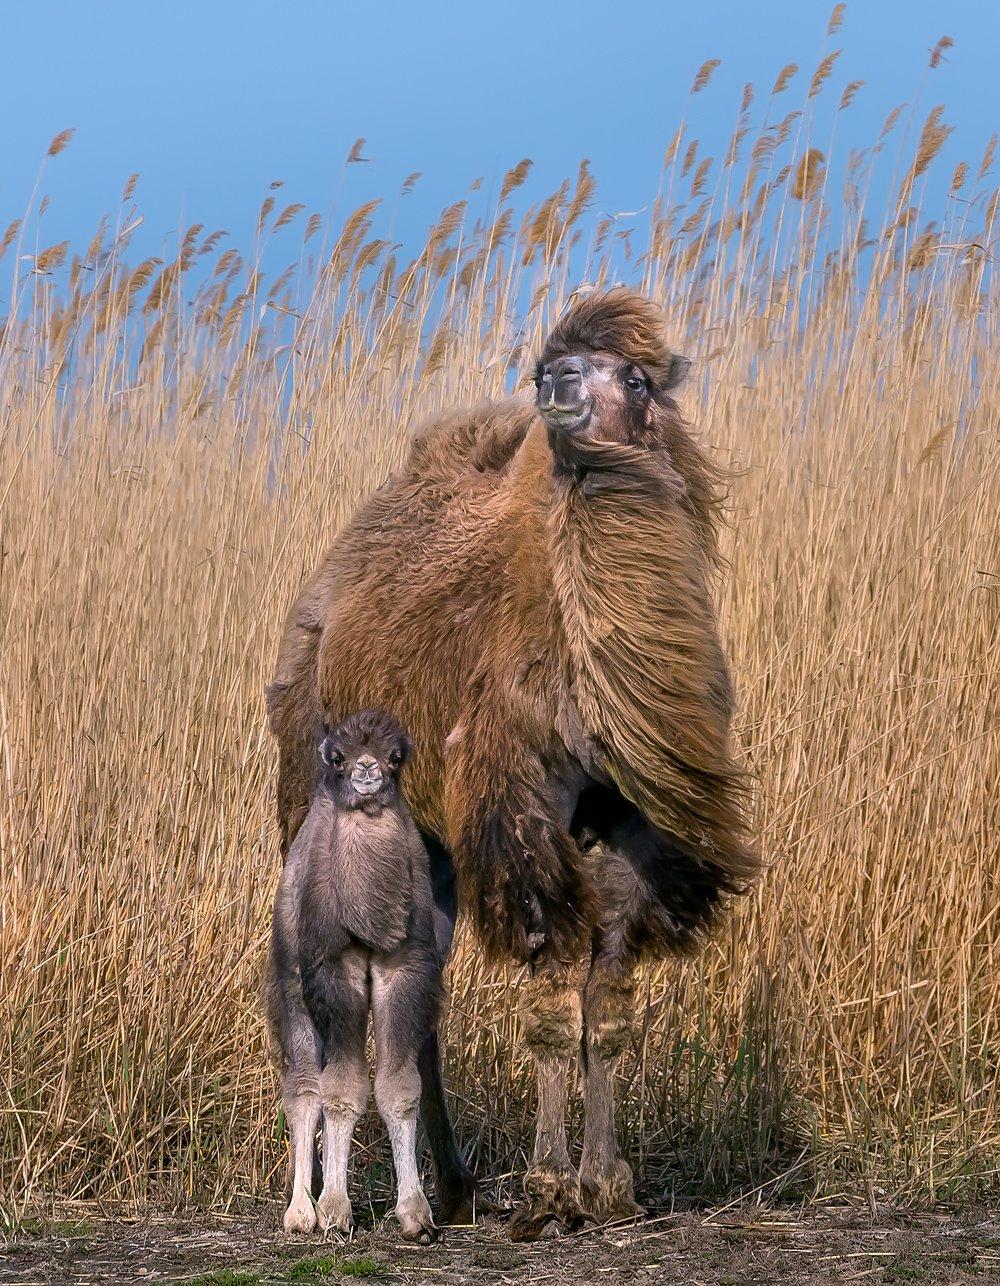 верблюд, степь, весна, астраханская область, животные, малыш, камыш, тростник., Лашков Фёдор